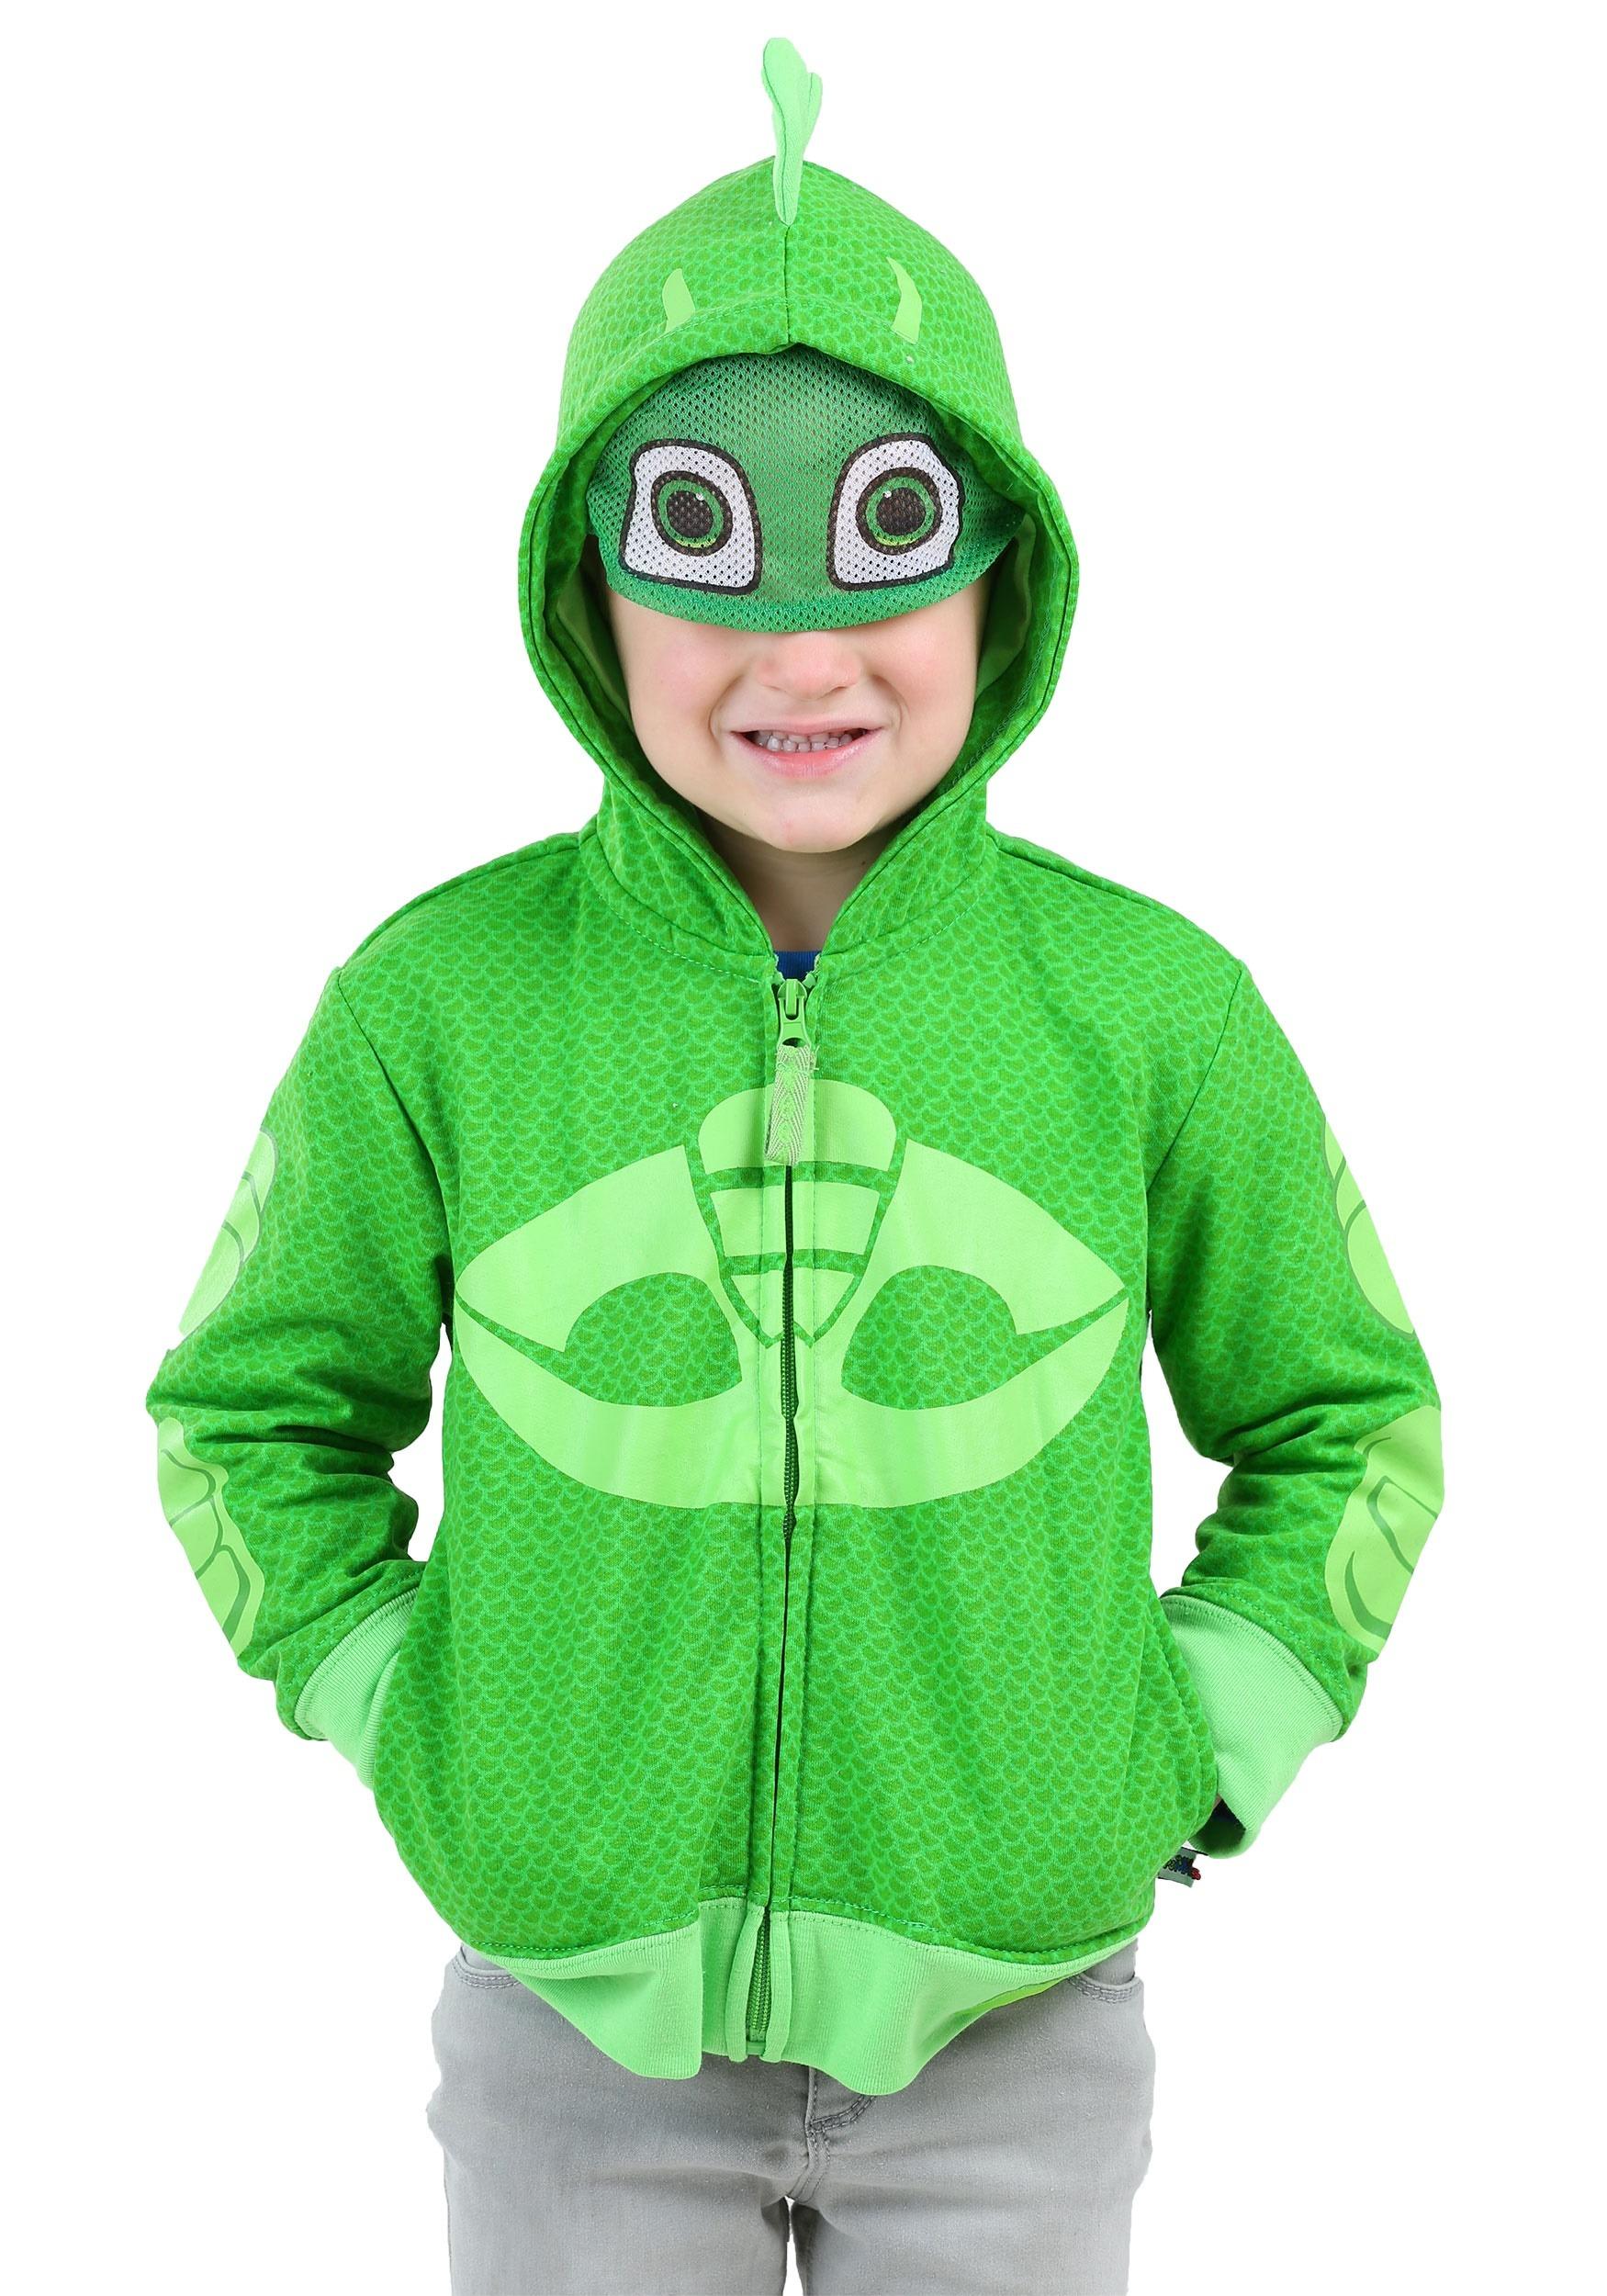 Pj Masks Halloween Costume.Pj Masks Costumes Catboy Owlette Gekko Halloweencostumes Com